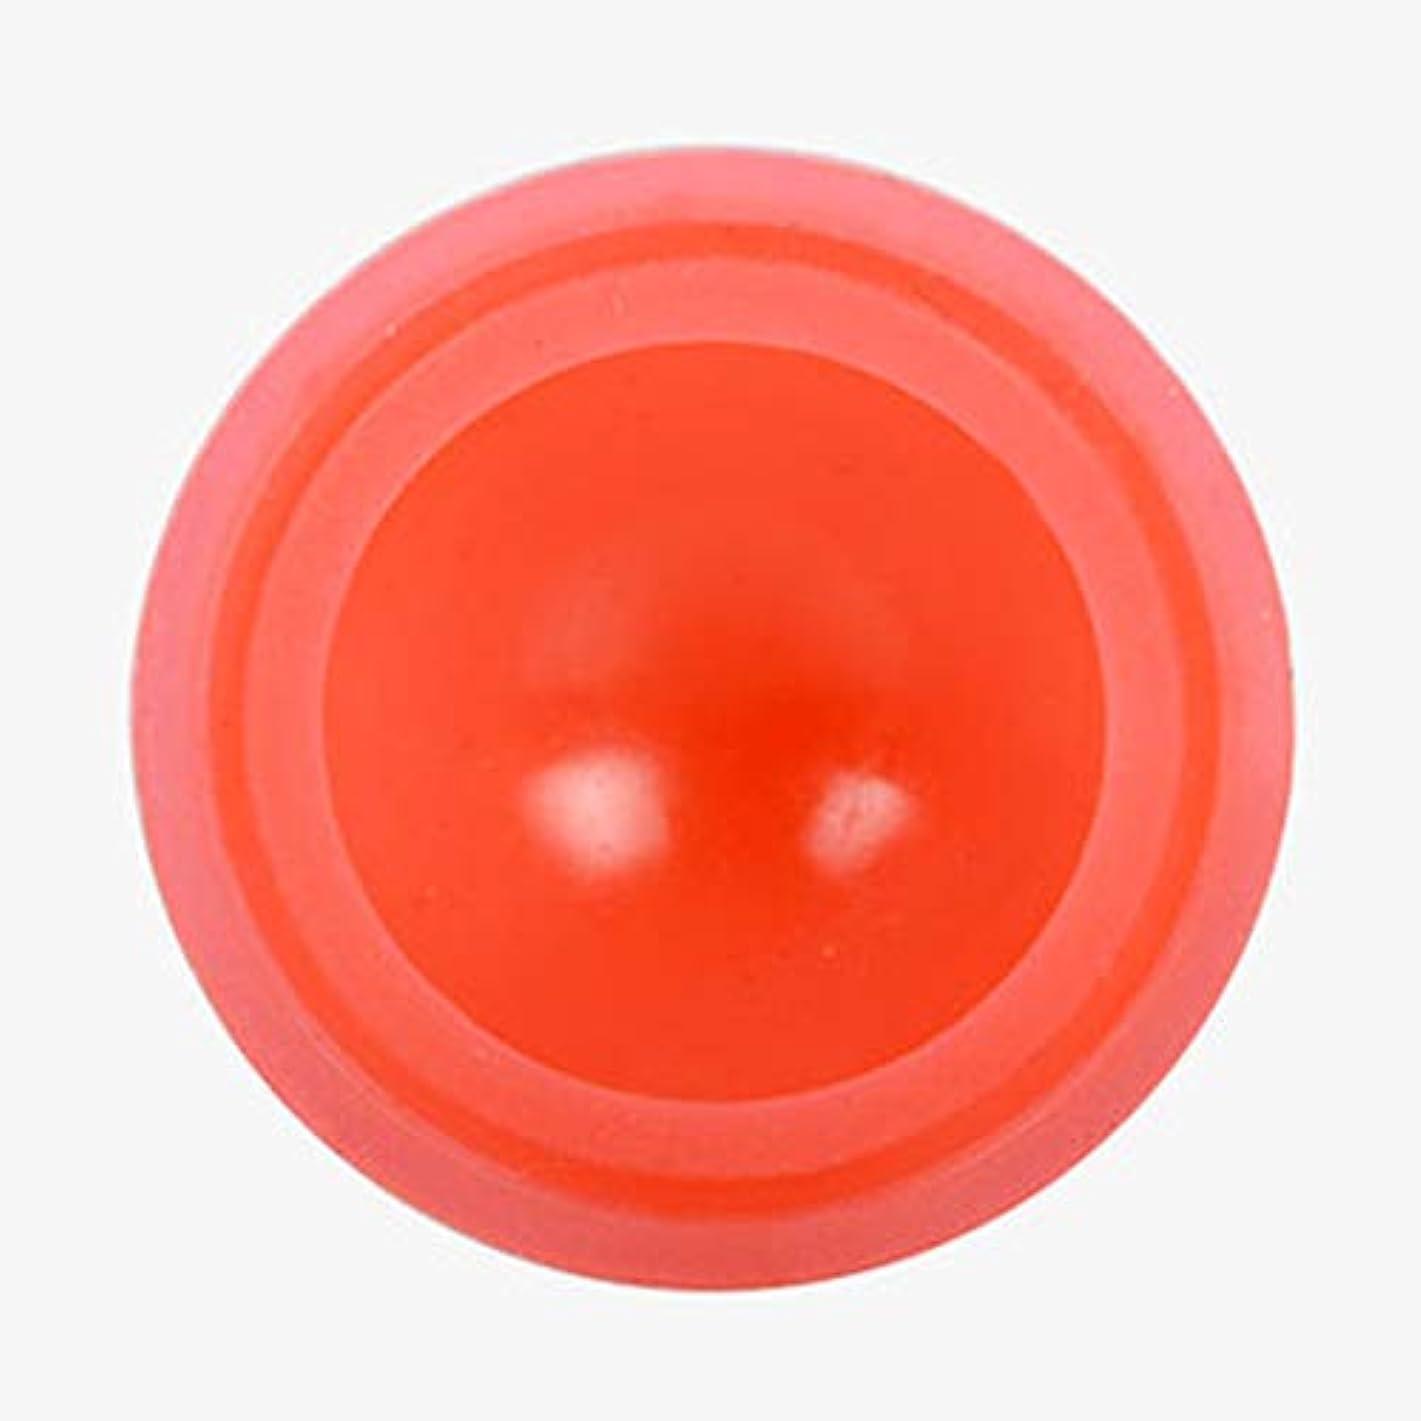 リング傭兵トレイマッサージカッピング カッピング シリコンカッピング 吸い玉 真空セラピー 脂肪吸引 康祝 関節と筋肉痛救済 セルライト治療,オレンジ色